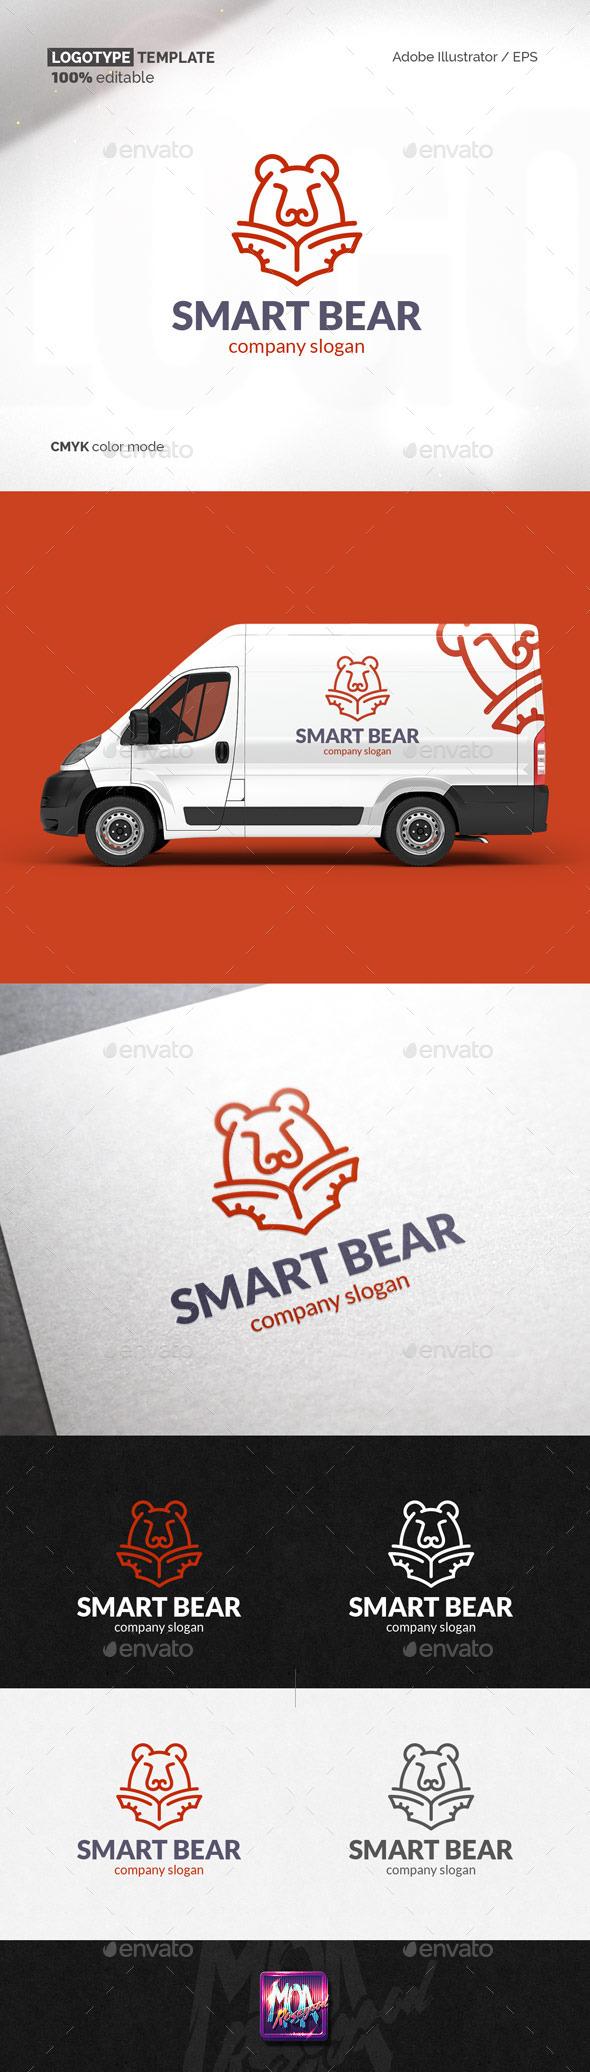 Smart Bear logo template